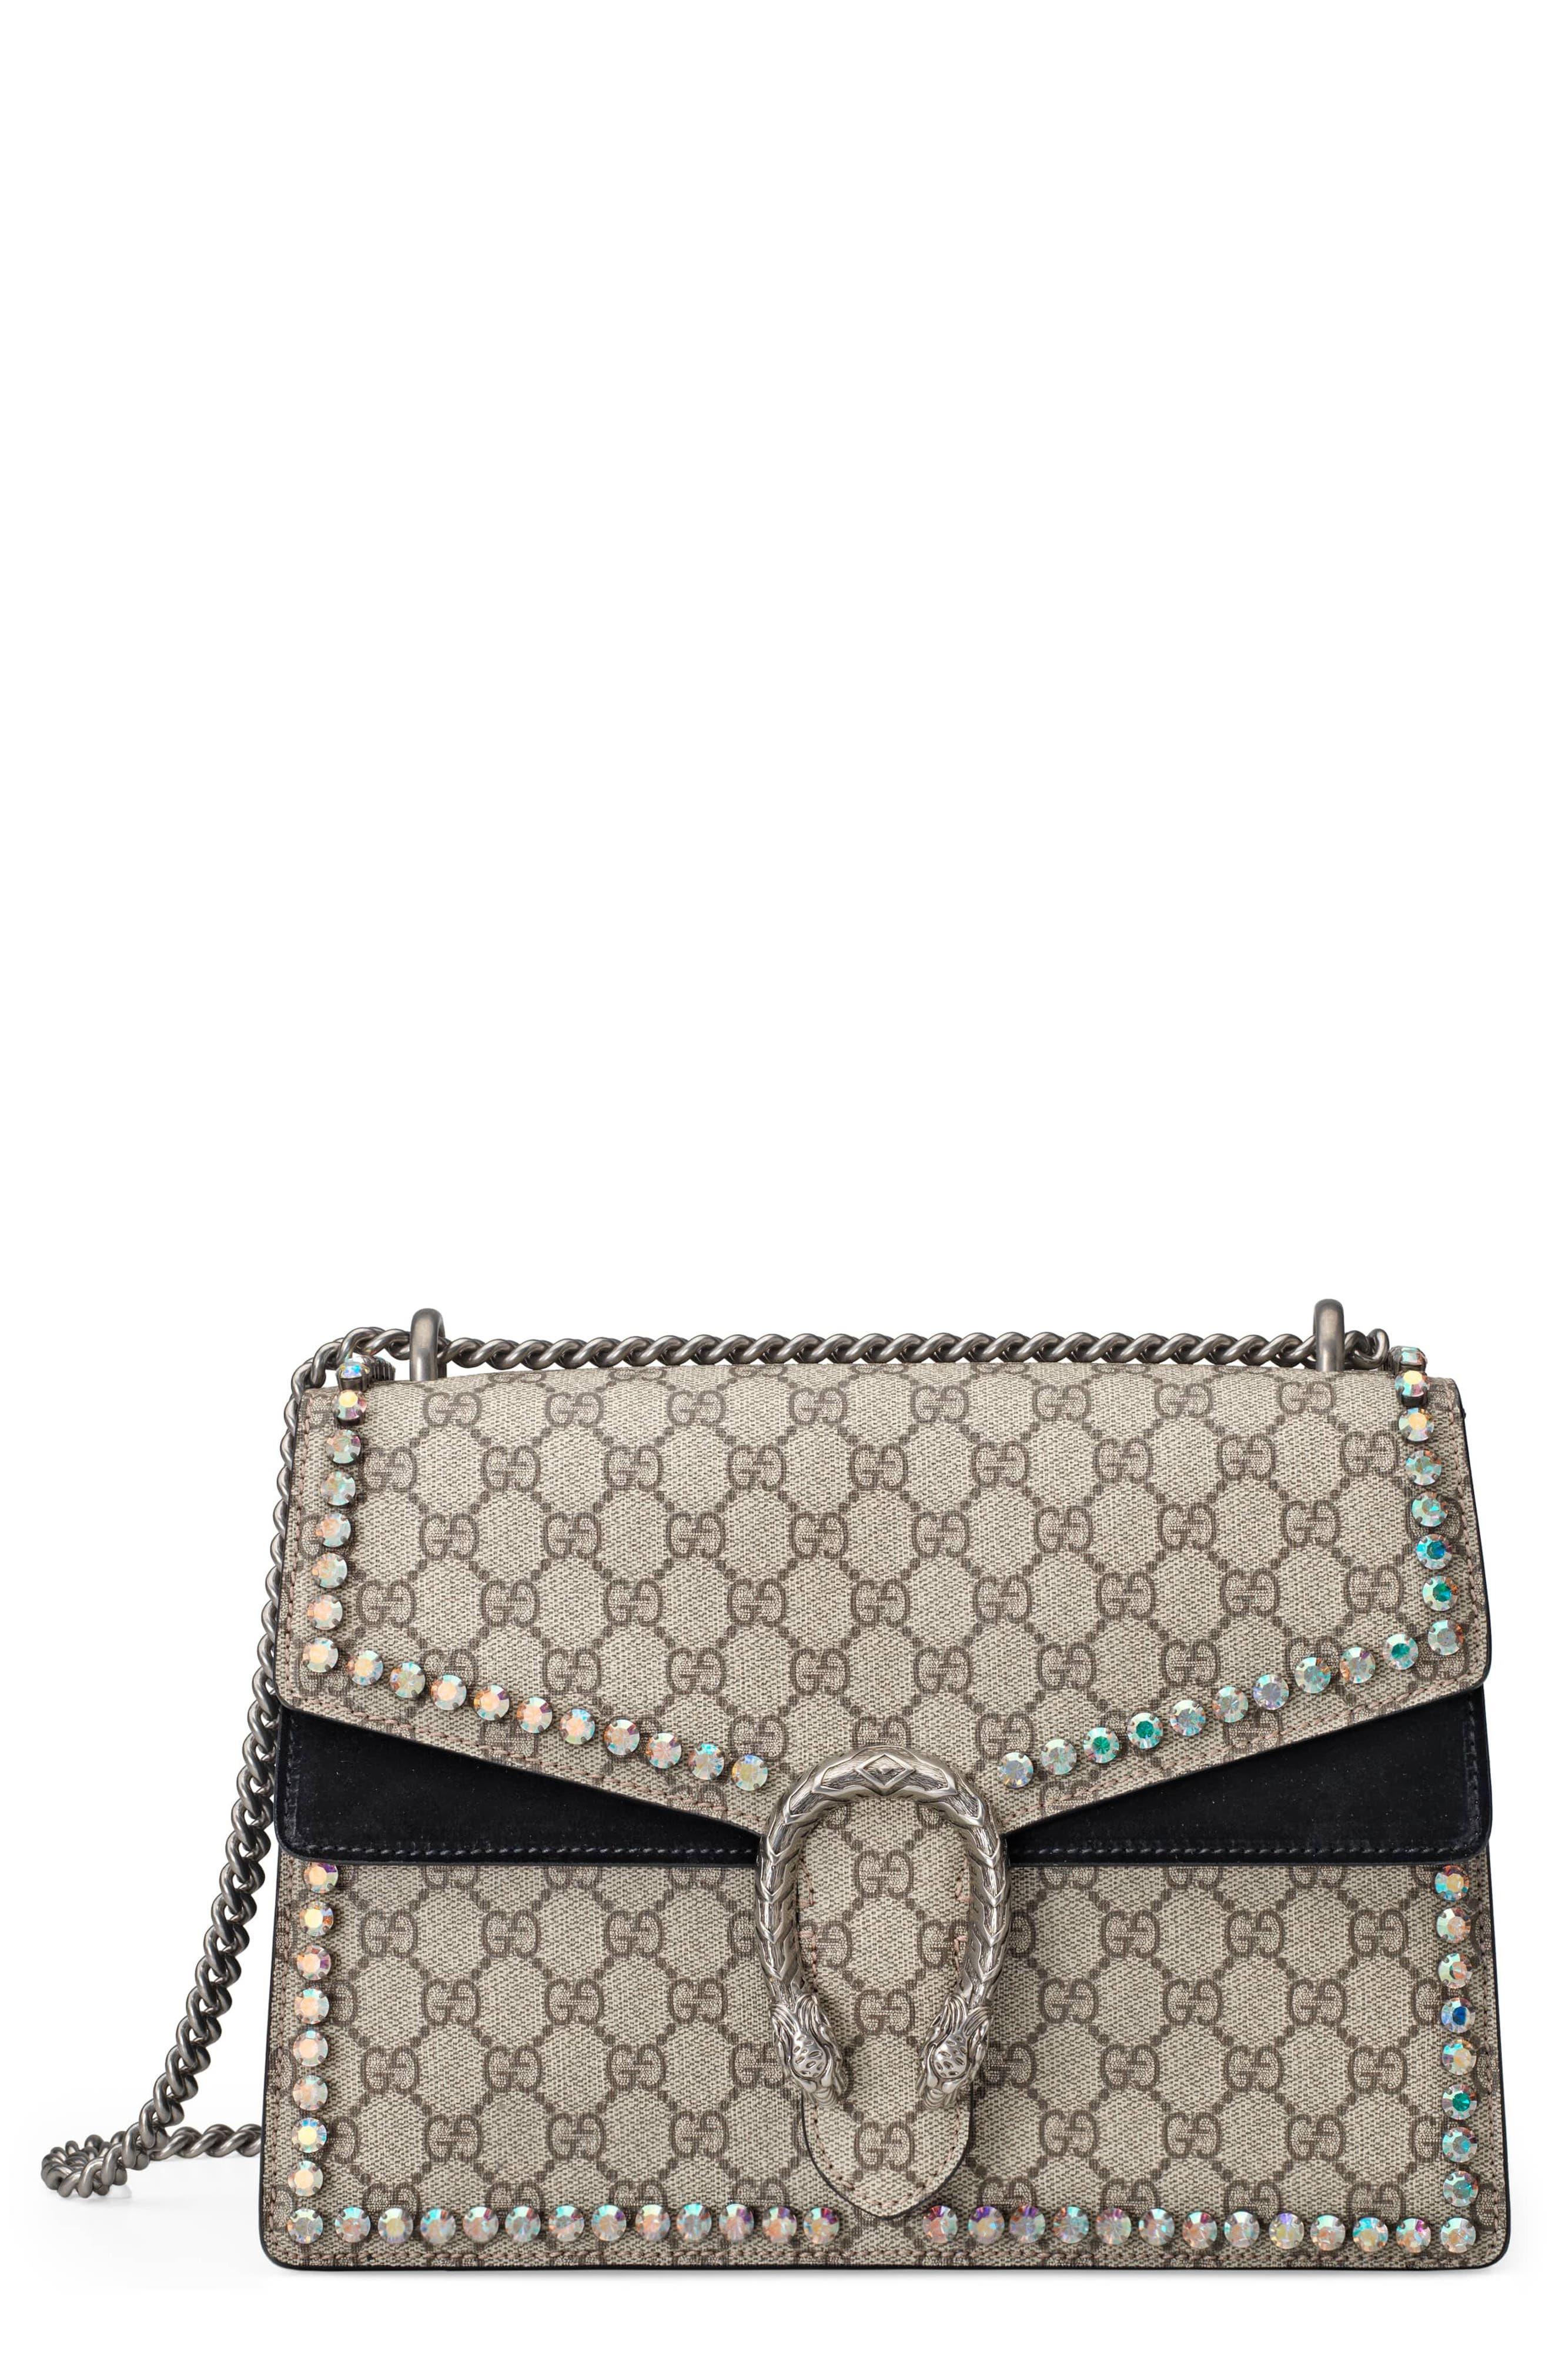 ,                             Medium Dionysus Crystal Embellished GG Supreme Canvas & Suede Shoulder Bag,                             Main thumbnail 1, color,                             276